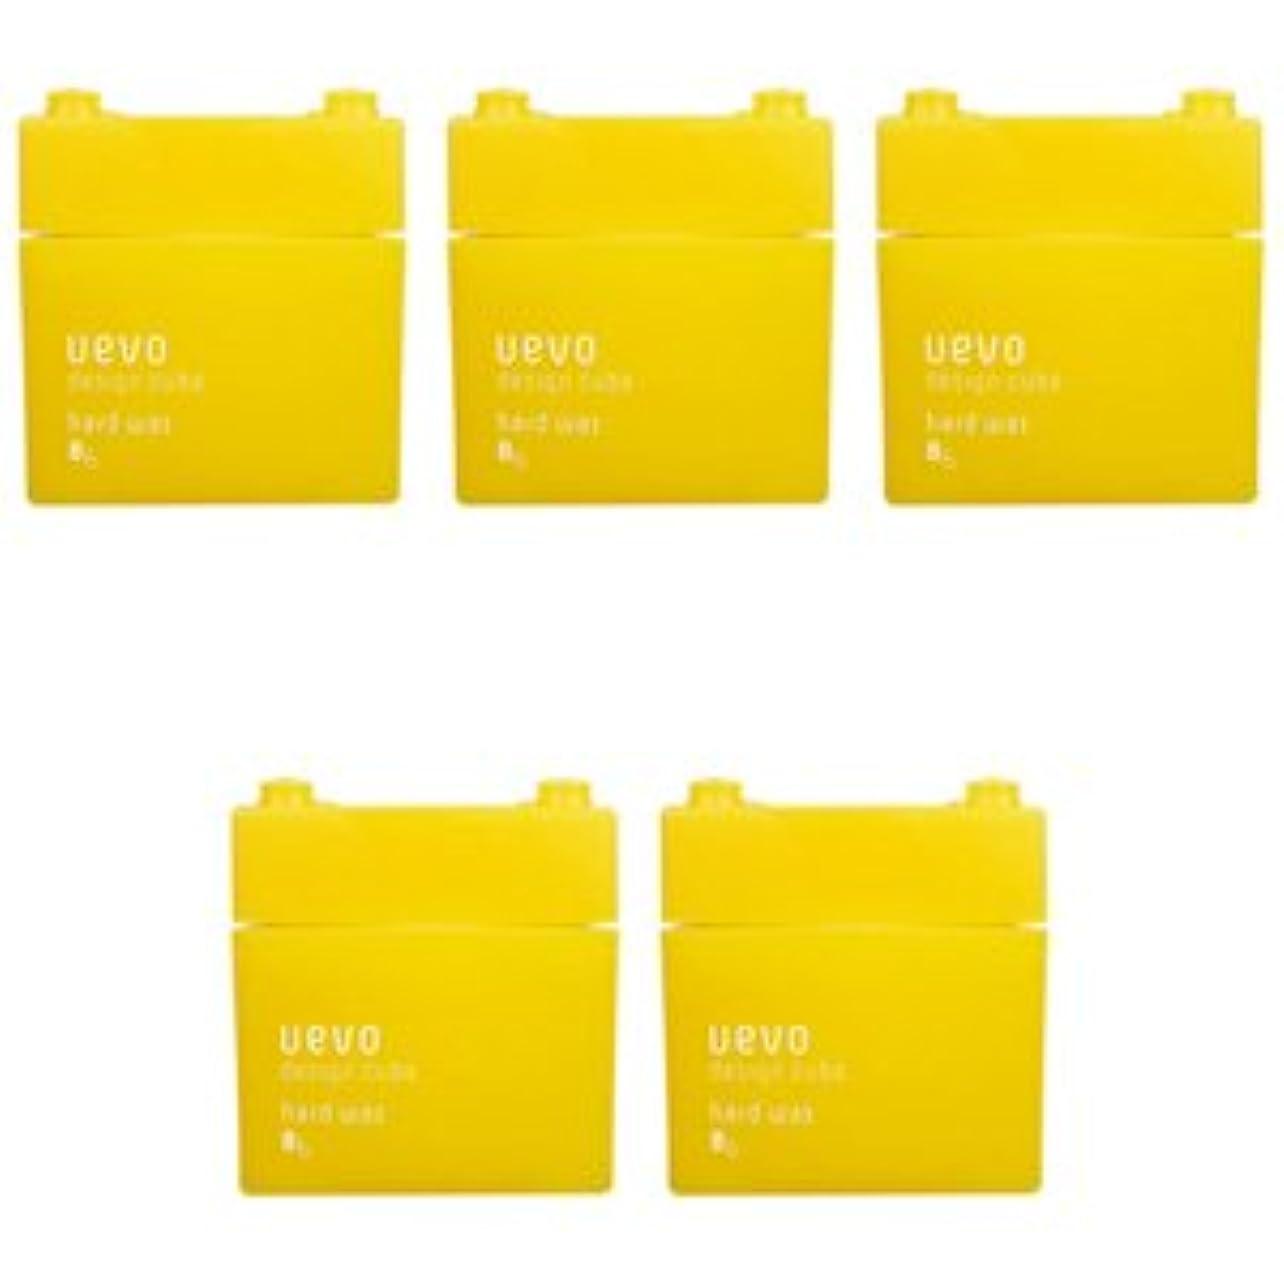 告白するクリエイティブテラス【X5個セット】 デミ ウェーボ デザインキューブ ハードワックス 80g hard wax DEMI uevo design cube